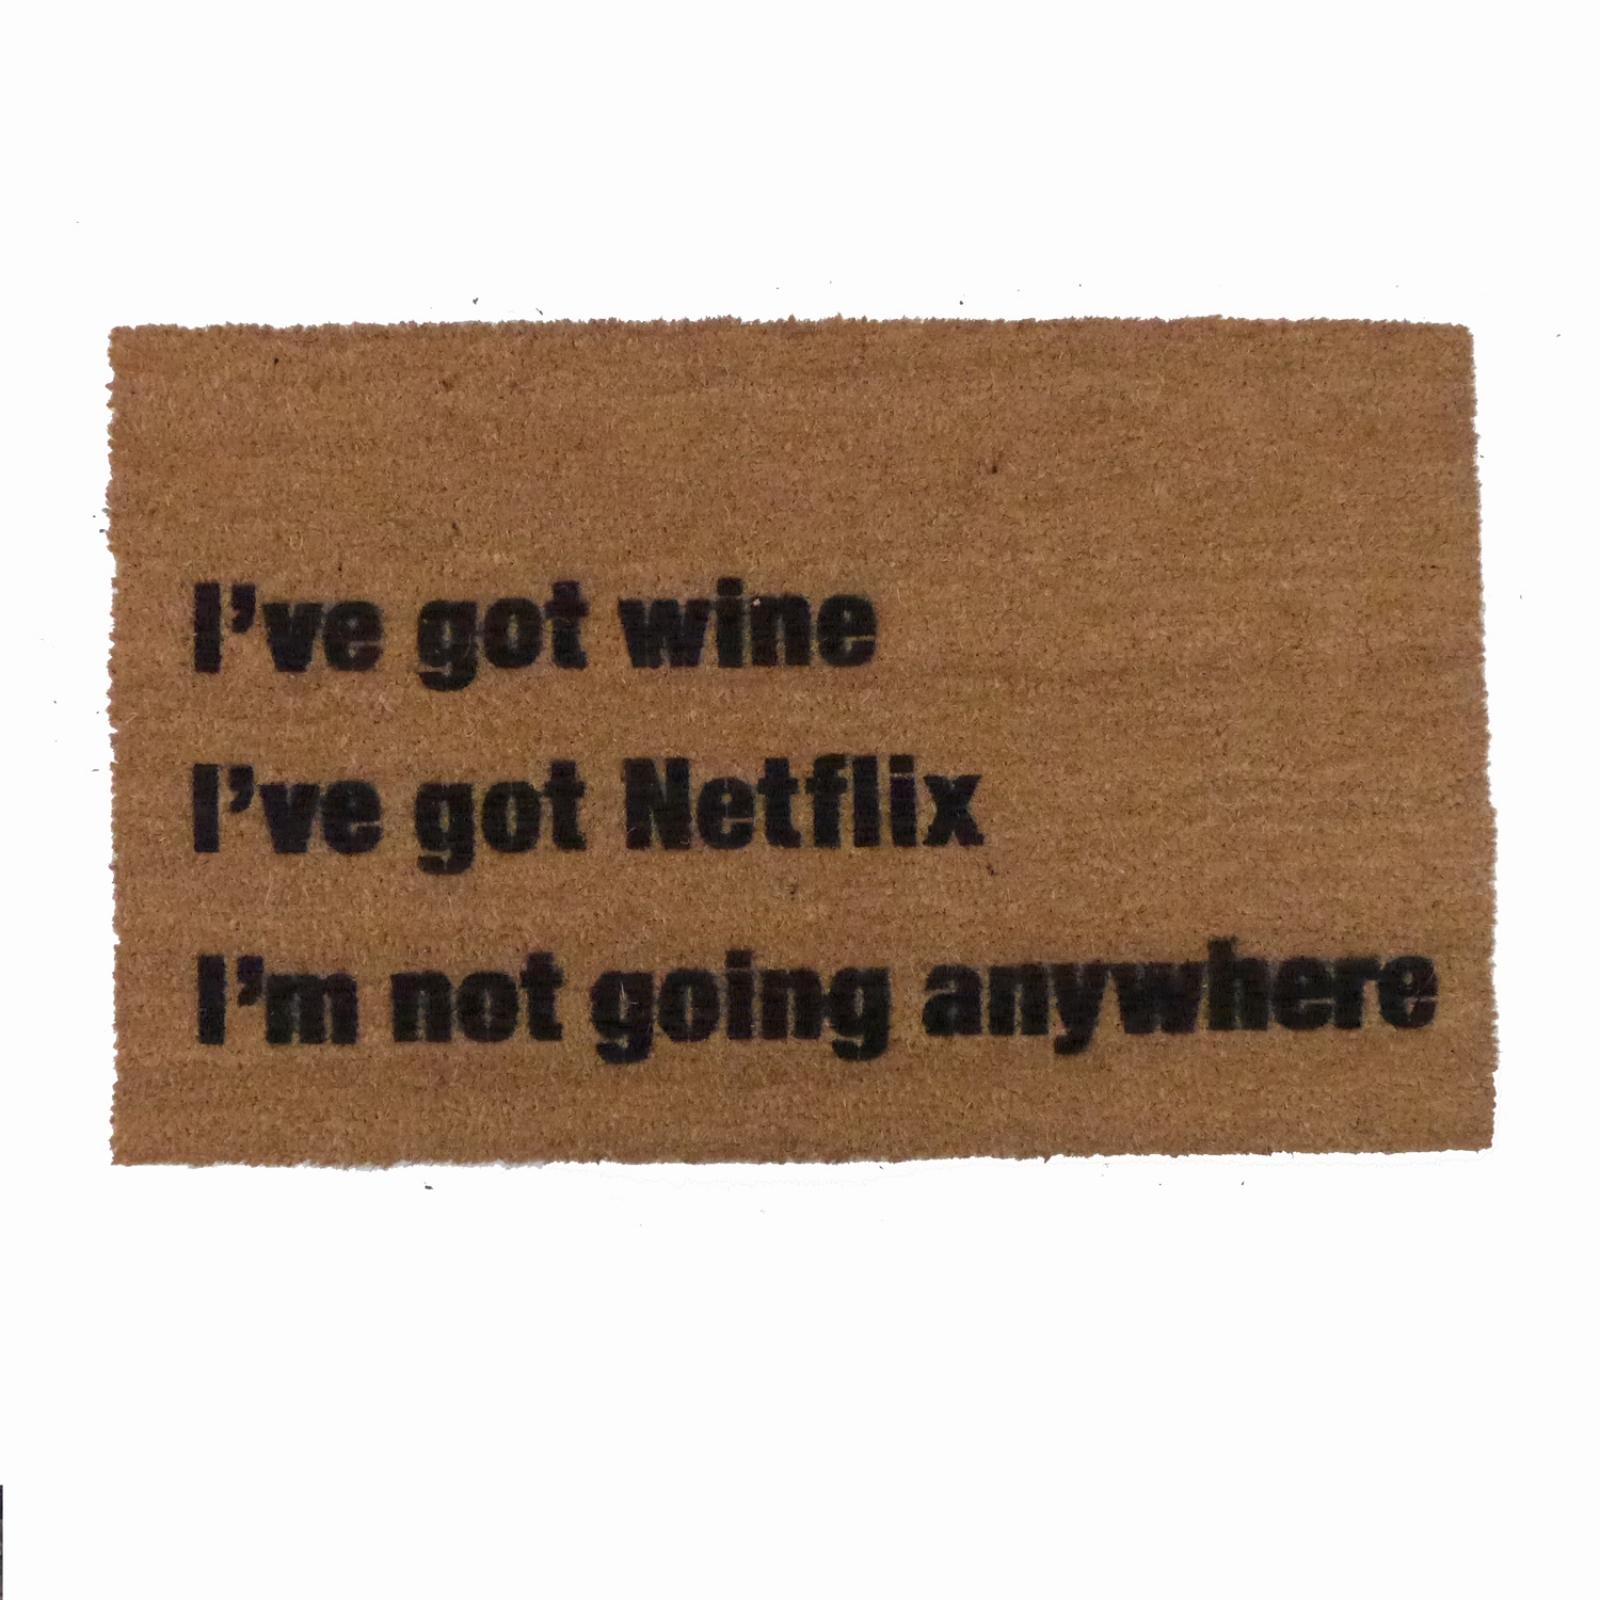 I Ve Got Wine I Ve Got Netflix Beer Tacos Cake Weed